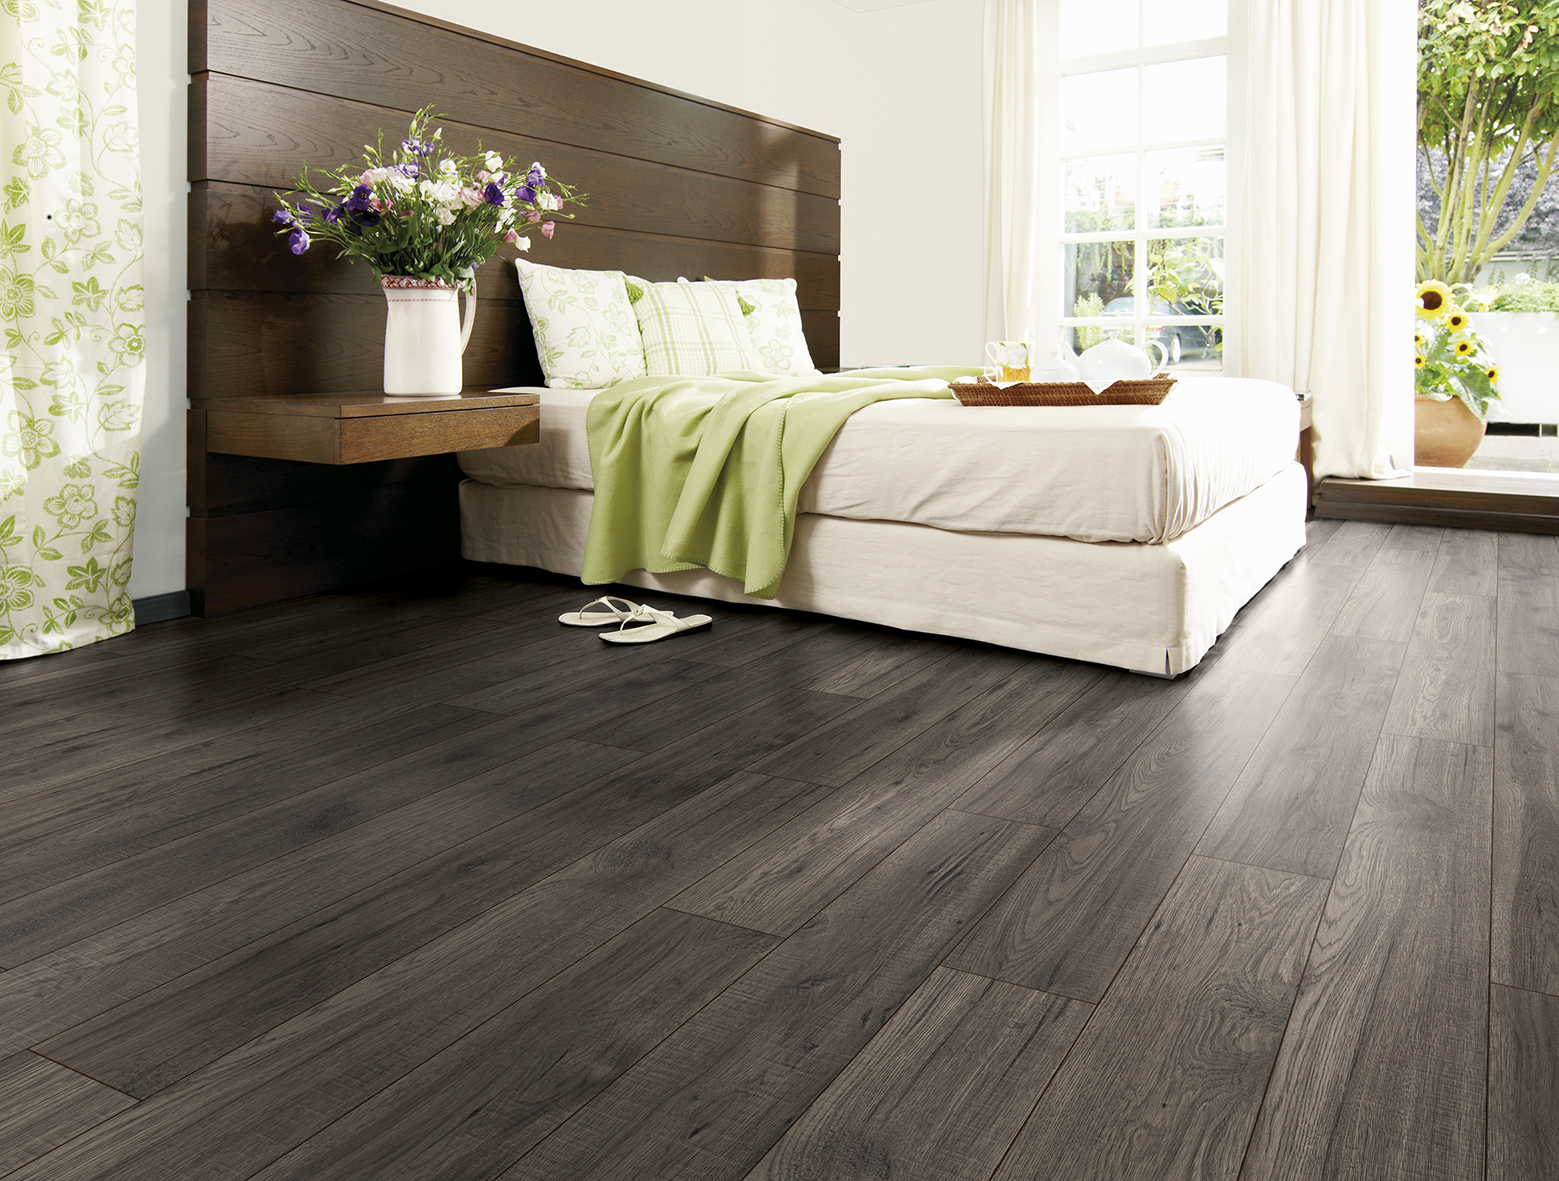 formica flooring formica flooring_modena oak interiors addict GGRHAXC